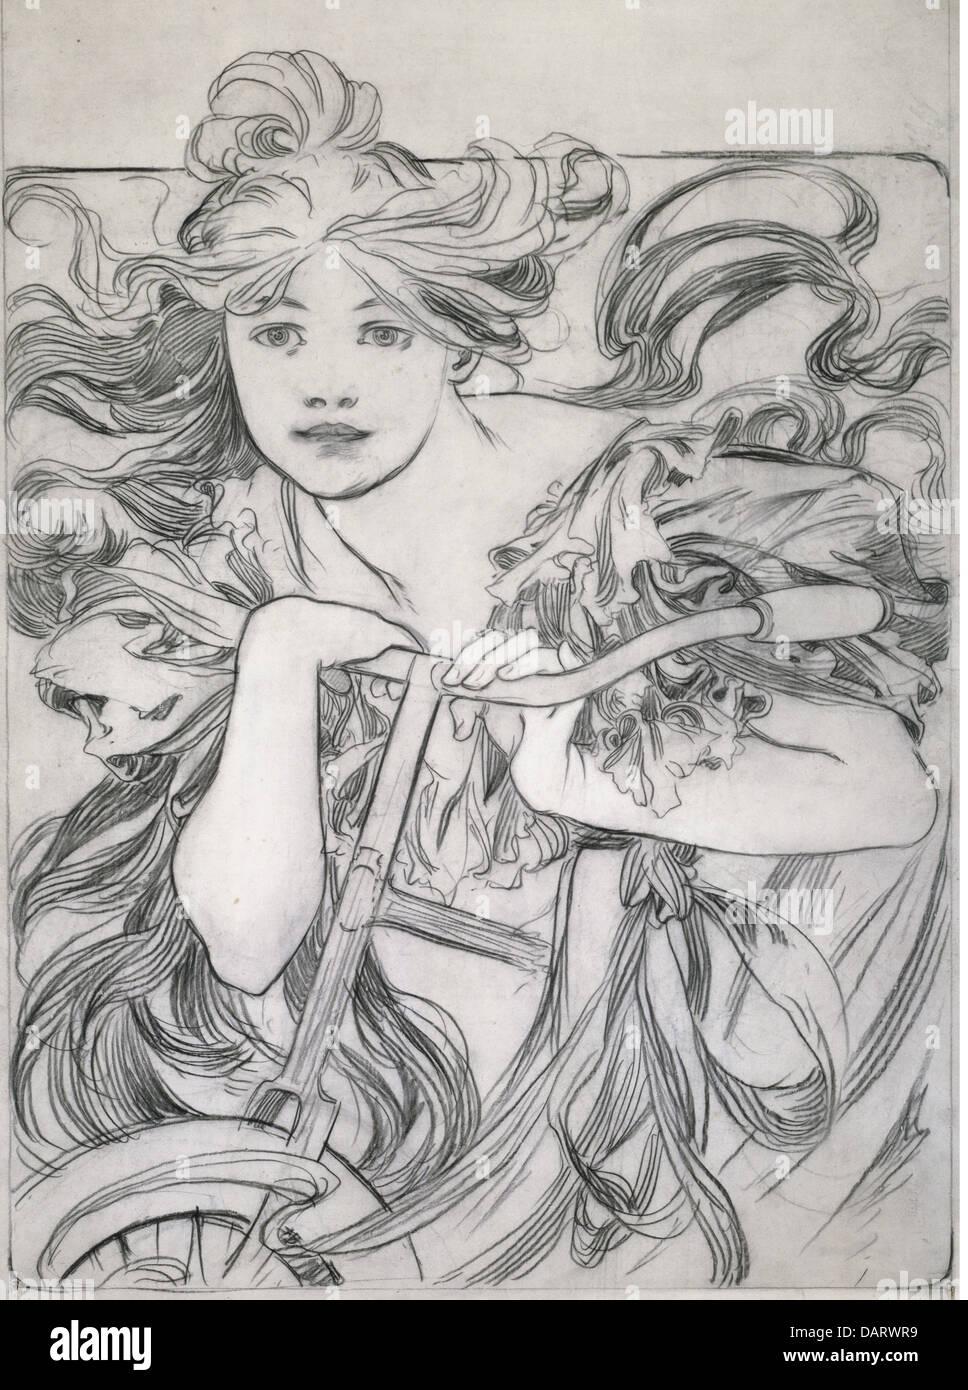 Belle arti, Mucha, Alfons (1860 - 1939), grafico, 'ciclista', schizzo, disegno, 1902, collezione privata, Immagini Stock